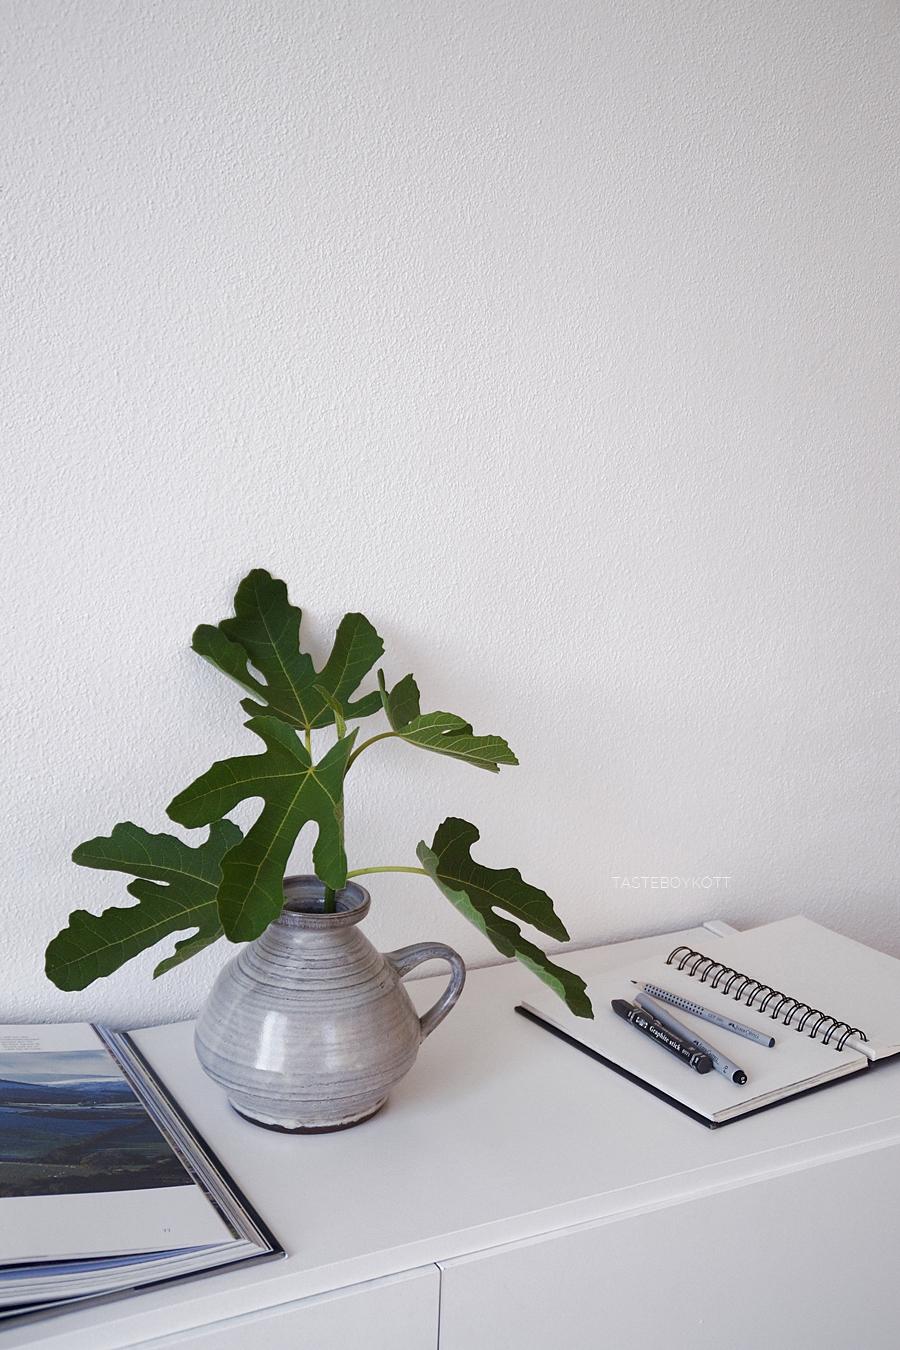 Sideboard dekorieren mit Feigenzweig in Keramikvase, modern skanidnavisch schlicht minimalistisch wohnen. Wohnideen, Dekoration. Wohninspiration Tasteboykott Wohnblog.